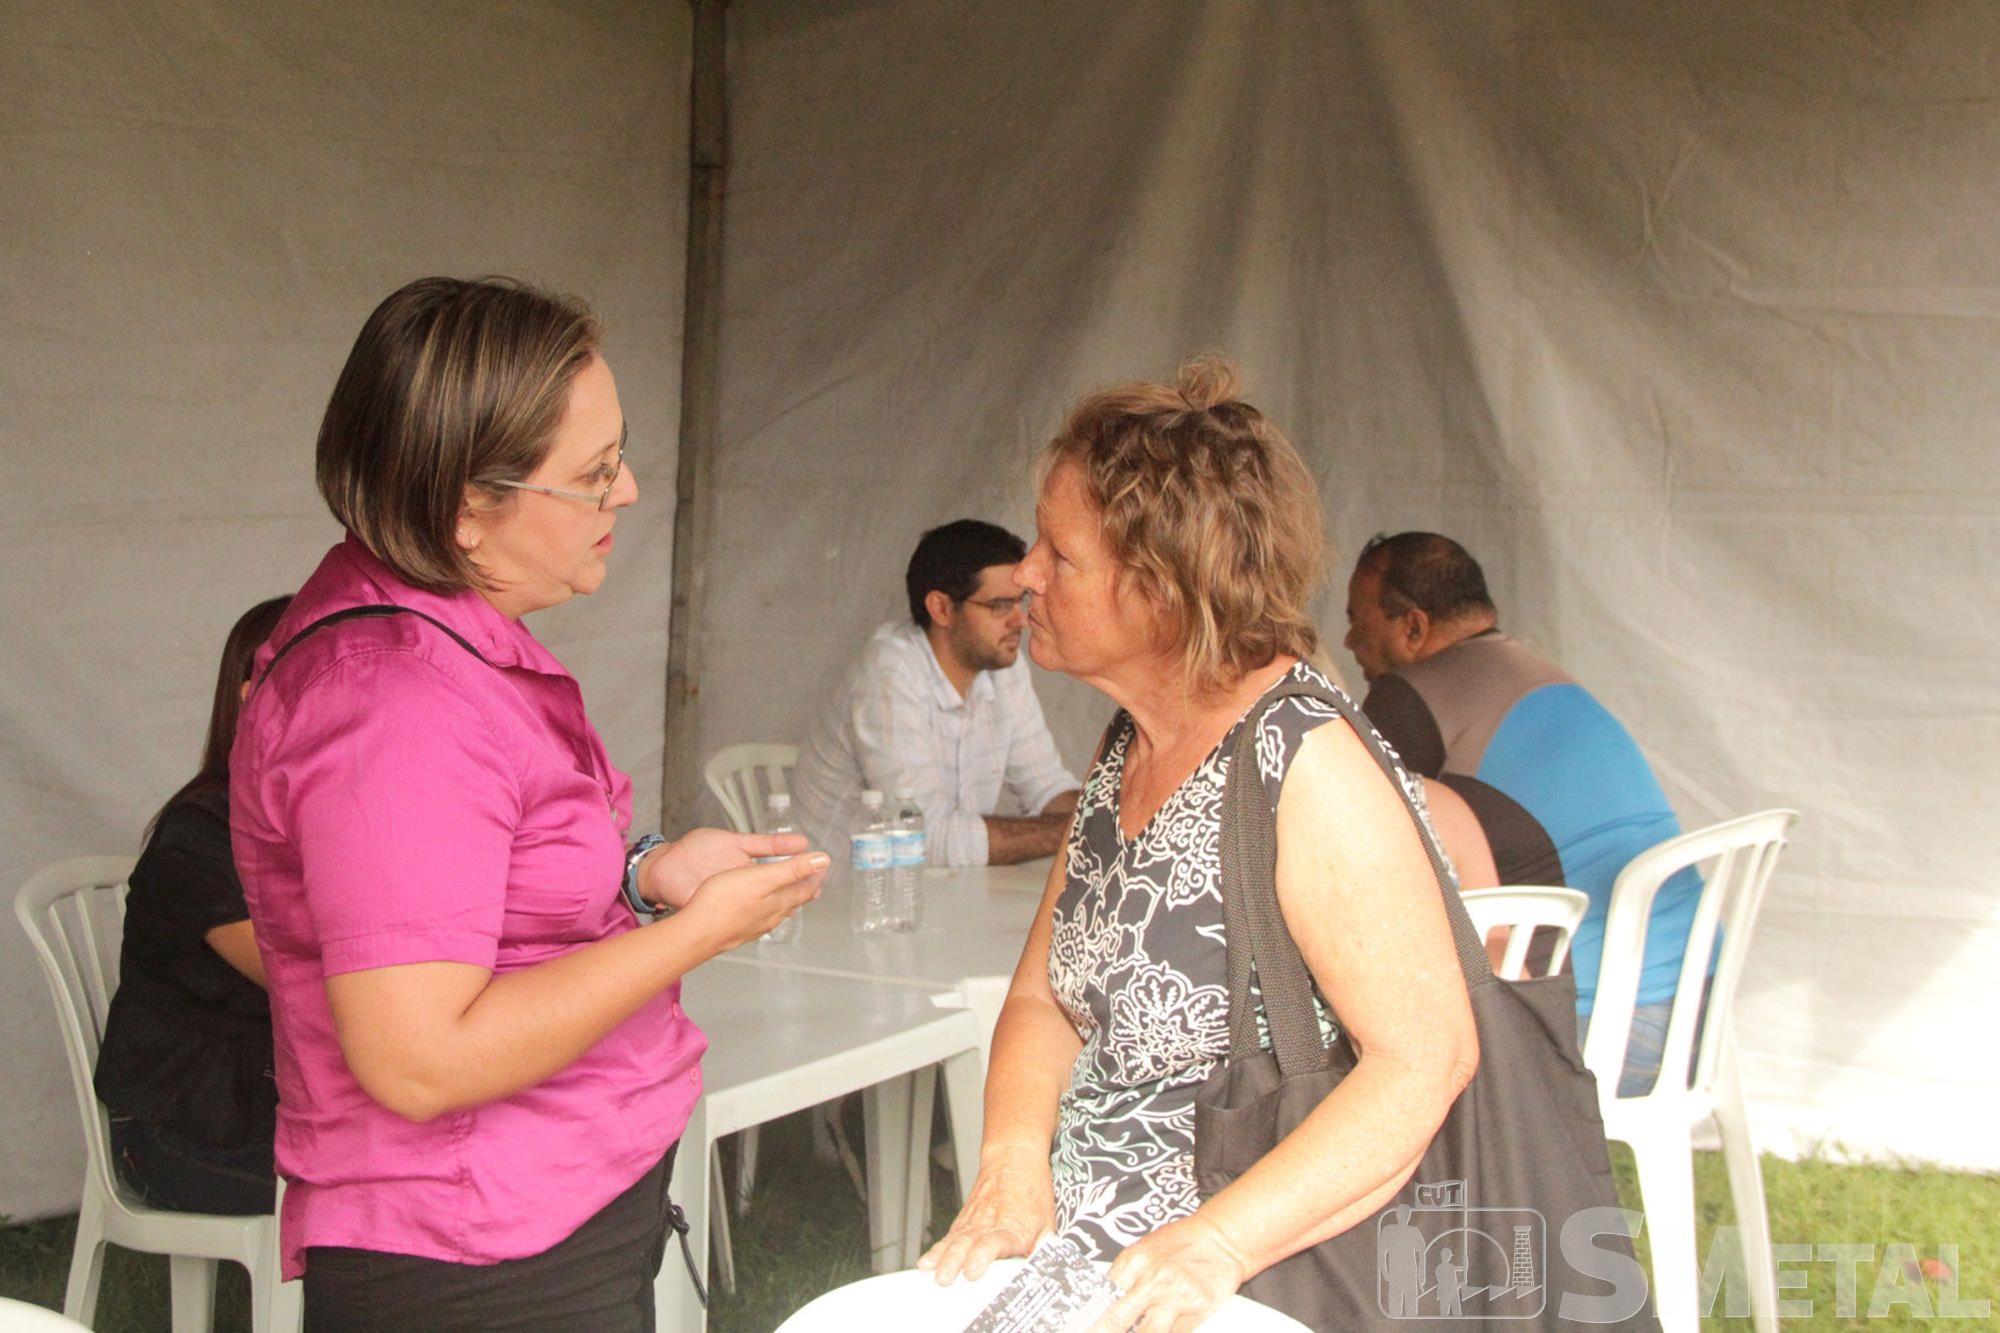 Durante o 1º de Maio do SMetal foram disponibilizados serviços como adoção de animais,  orientação previdenciária,  teste de HIV e sífilis e muito mais, maio,  smetal,  trabalhador,  sorocaba,  espanhóis, Foguinho / Renata Rocha / Cássio Freire / Jon